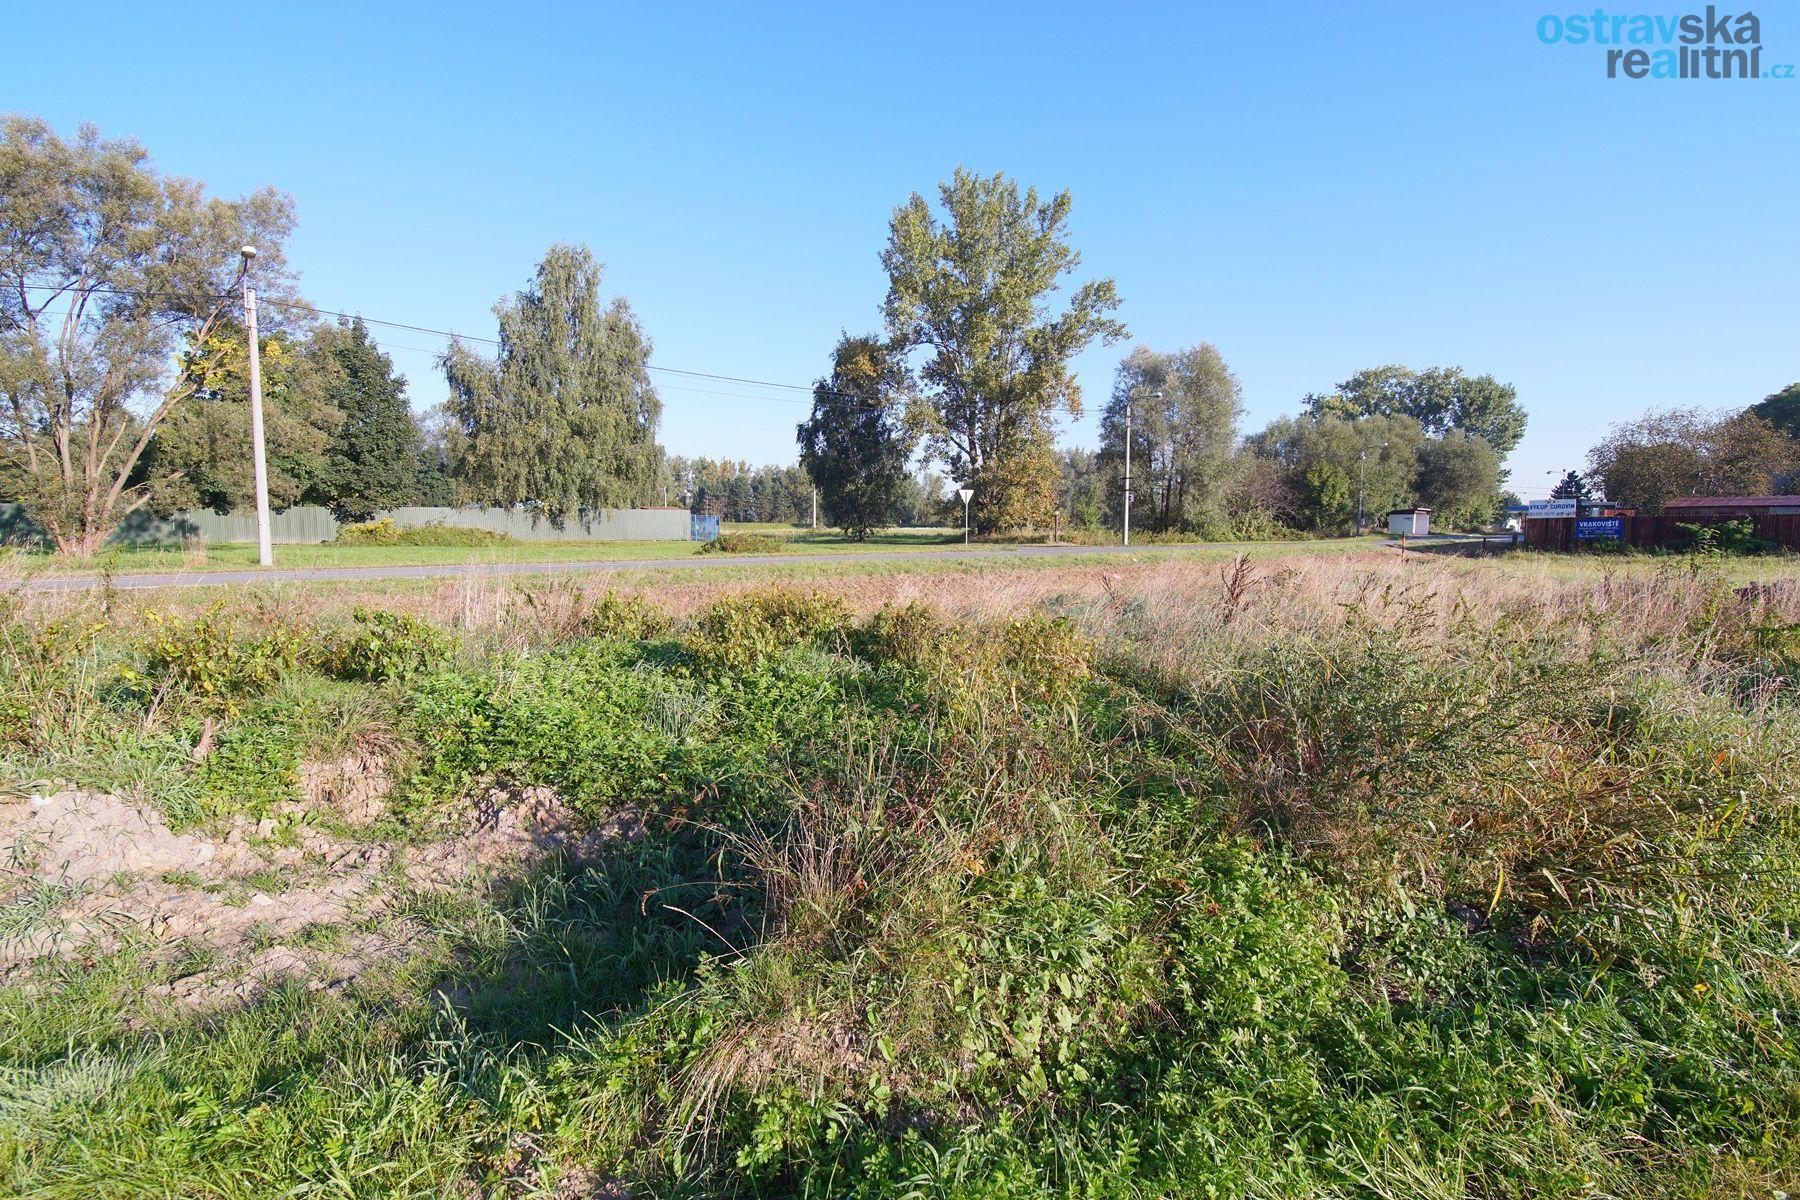 Prodej, stavební pozemek 586 m2, Bohumín - Vrbice, ul. Vrbická